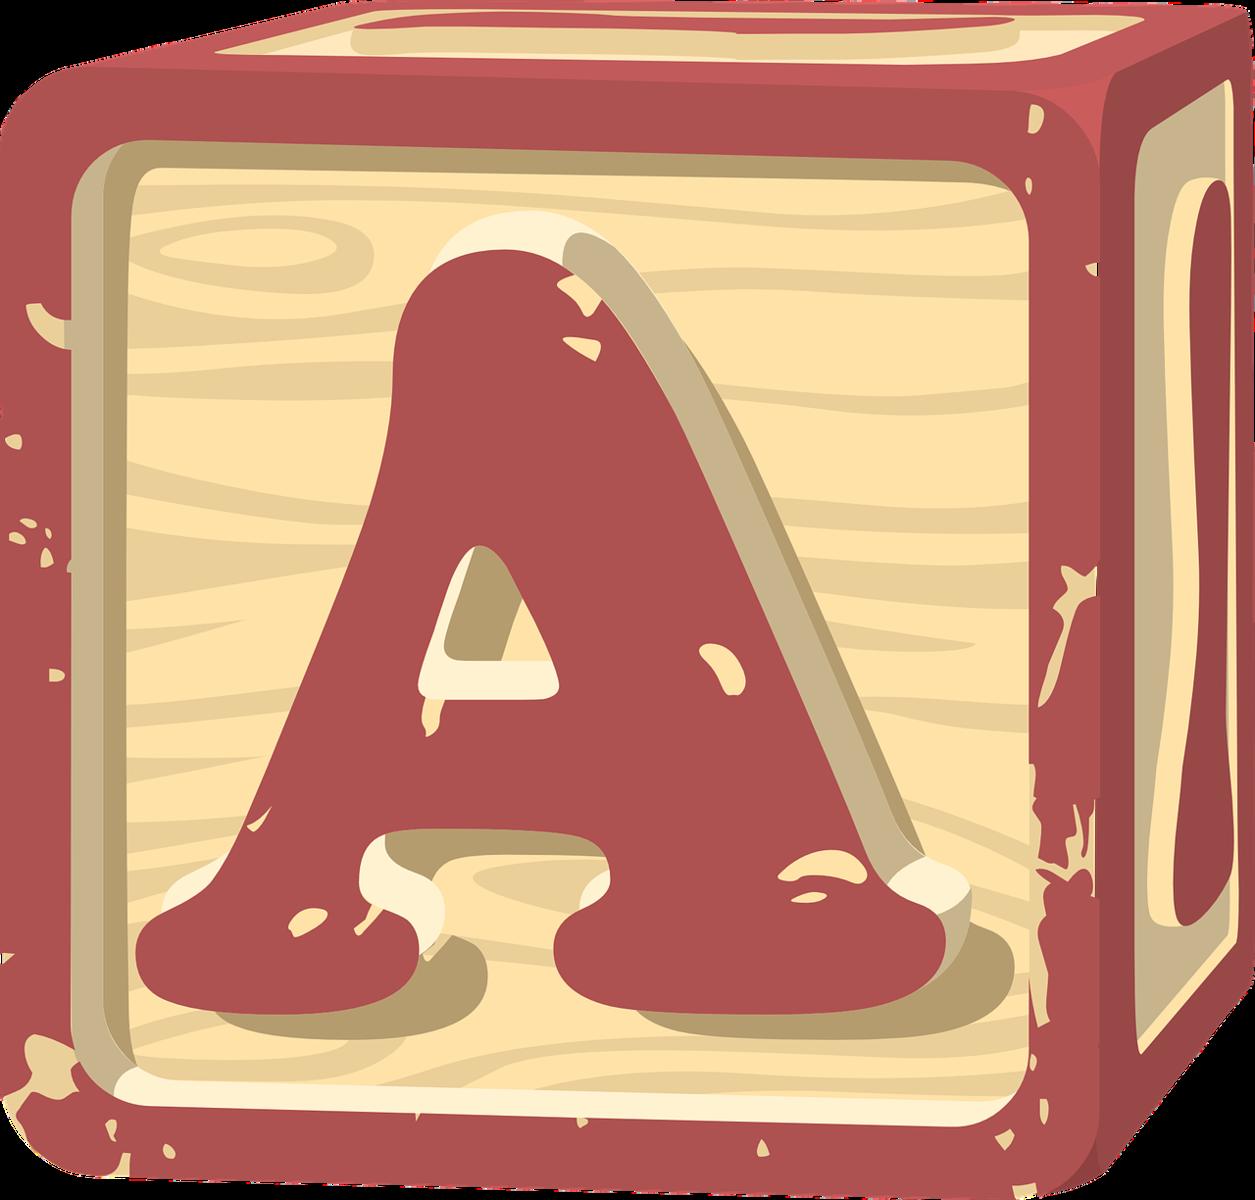 Онлайн-проект «Приключения алфавита» в Instagram Библиотеки 187 – события на сайте «Московские Сезоны»